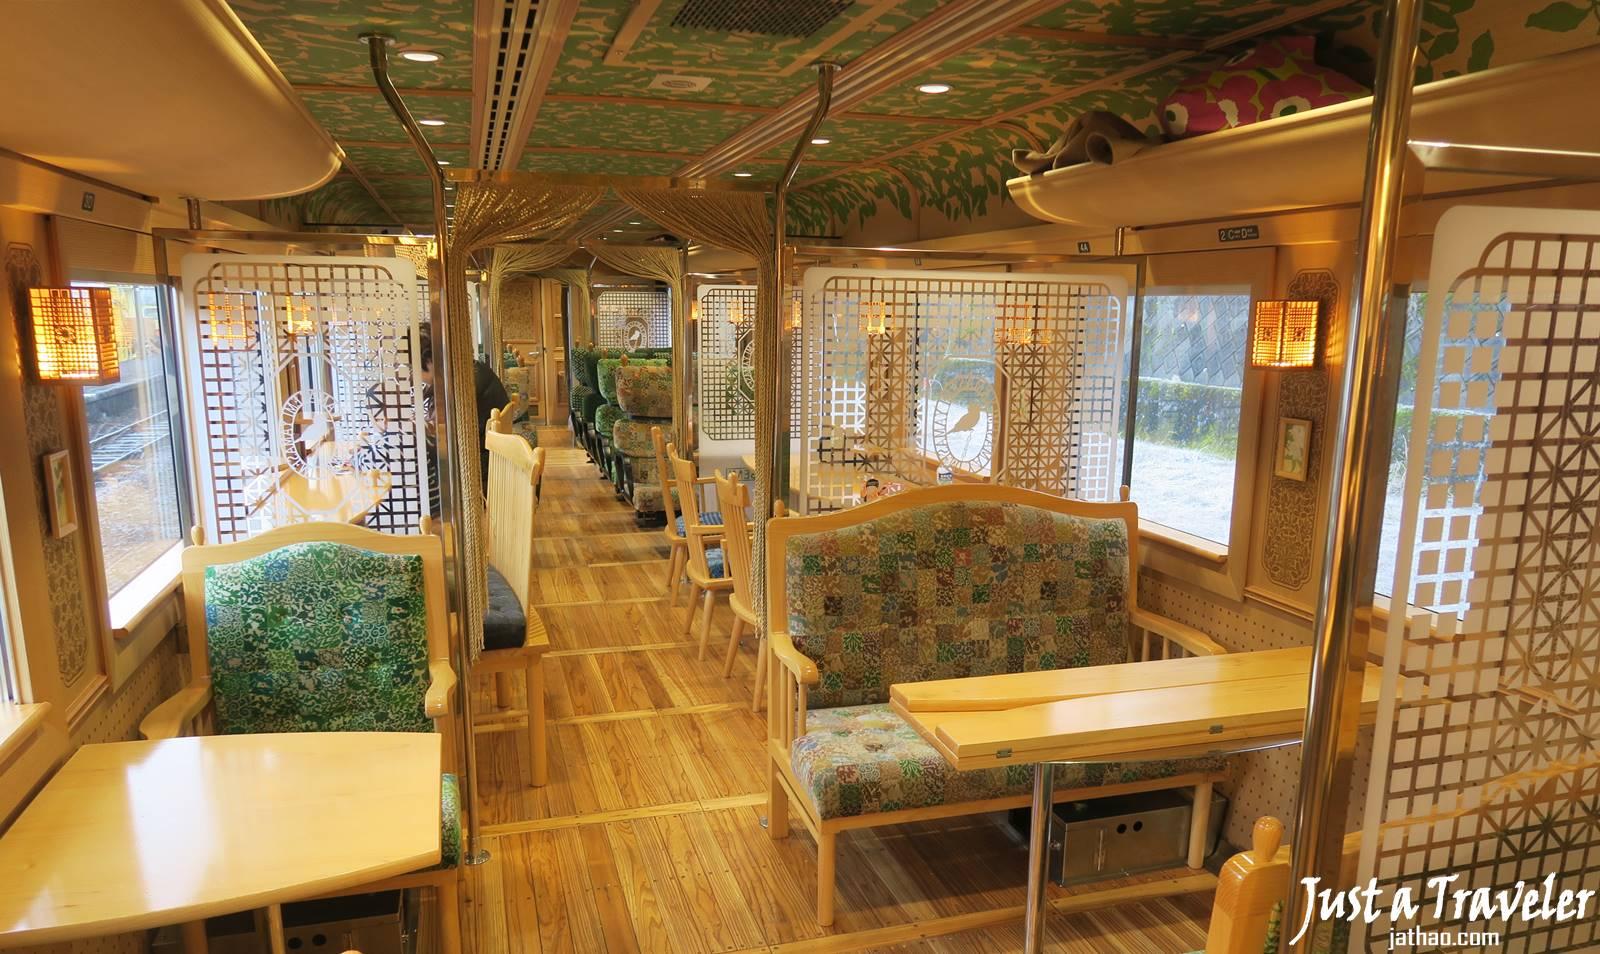 九州-特色觀光列車-推薦-D&S列車-翡翠-山翡翠-攻略-特色列車預訂-觀光列車-火車-JR-交通-Kyushu